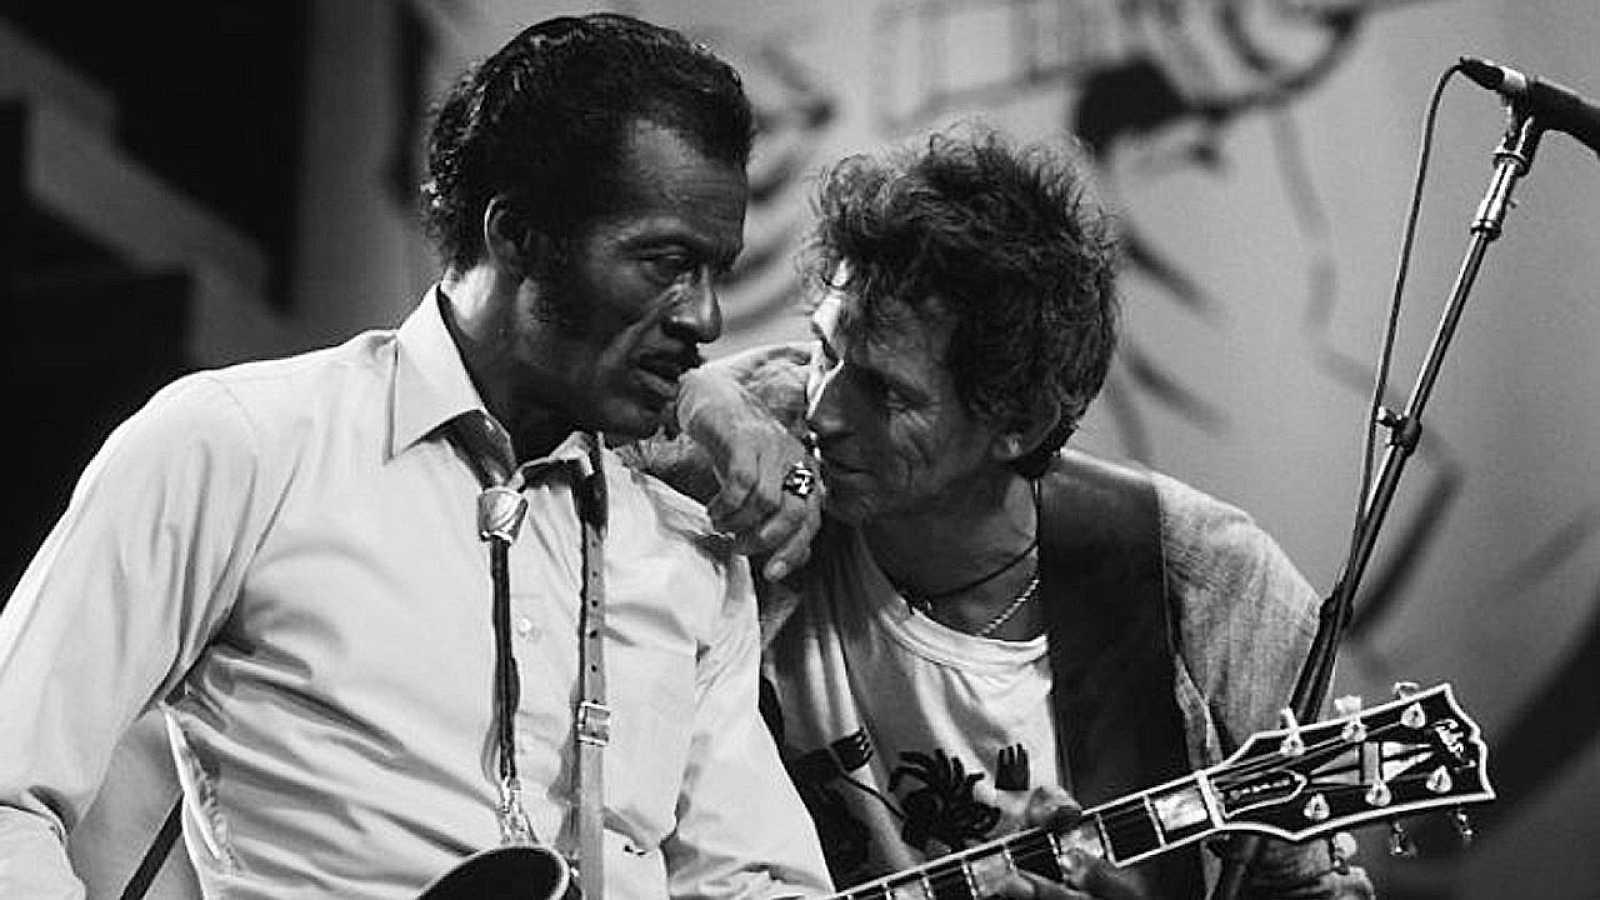 Hoy empieza todo con Ángel Carmona - Chuck Berry y 'La gran adicción' - 18/10/16 - escuchar ahora